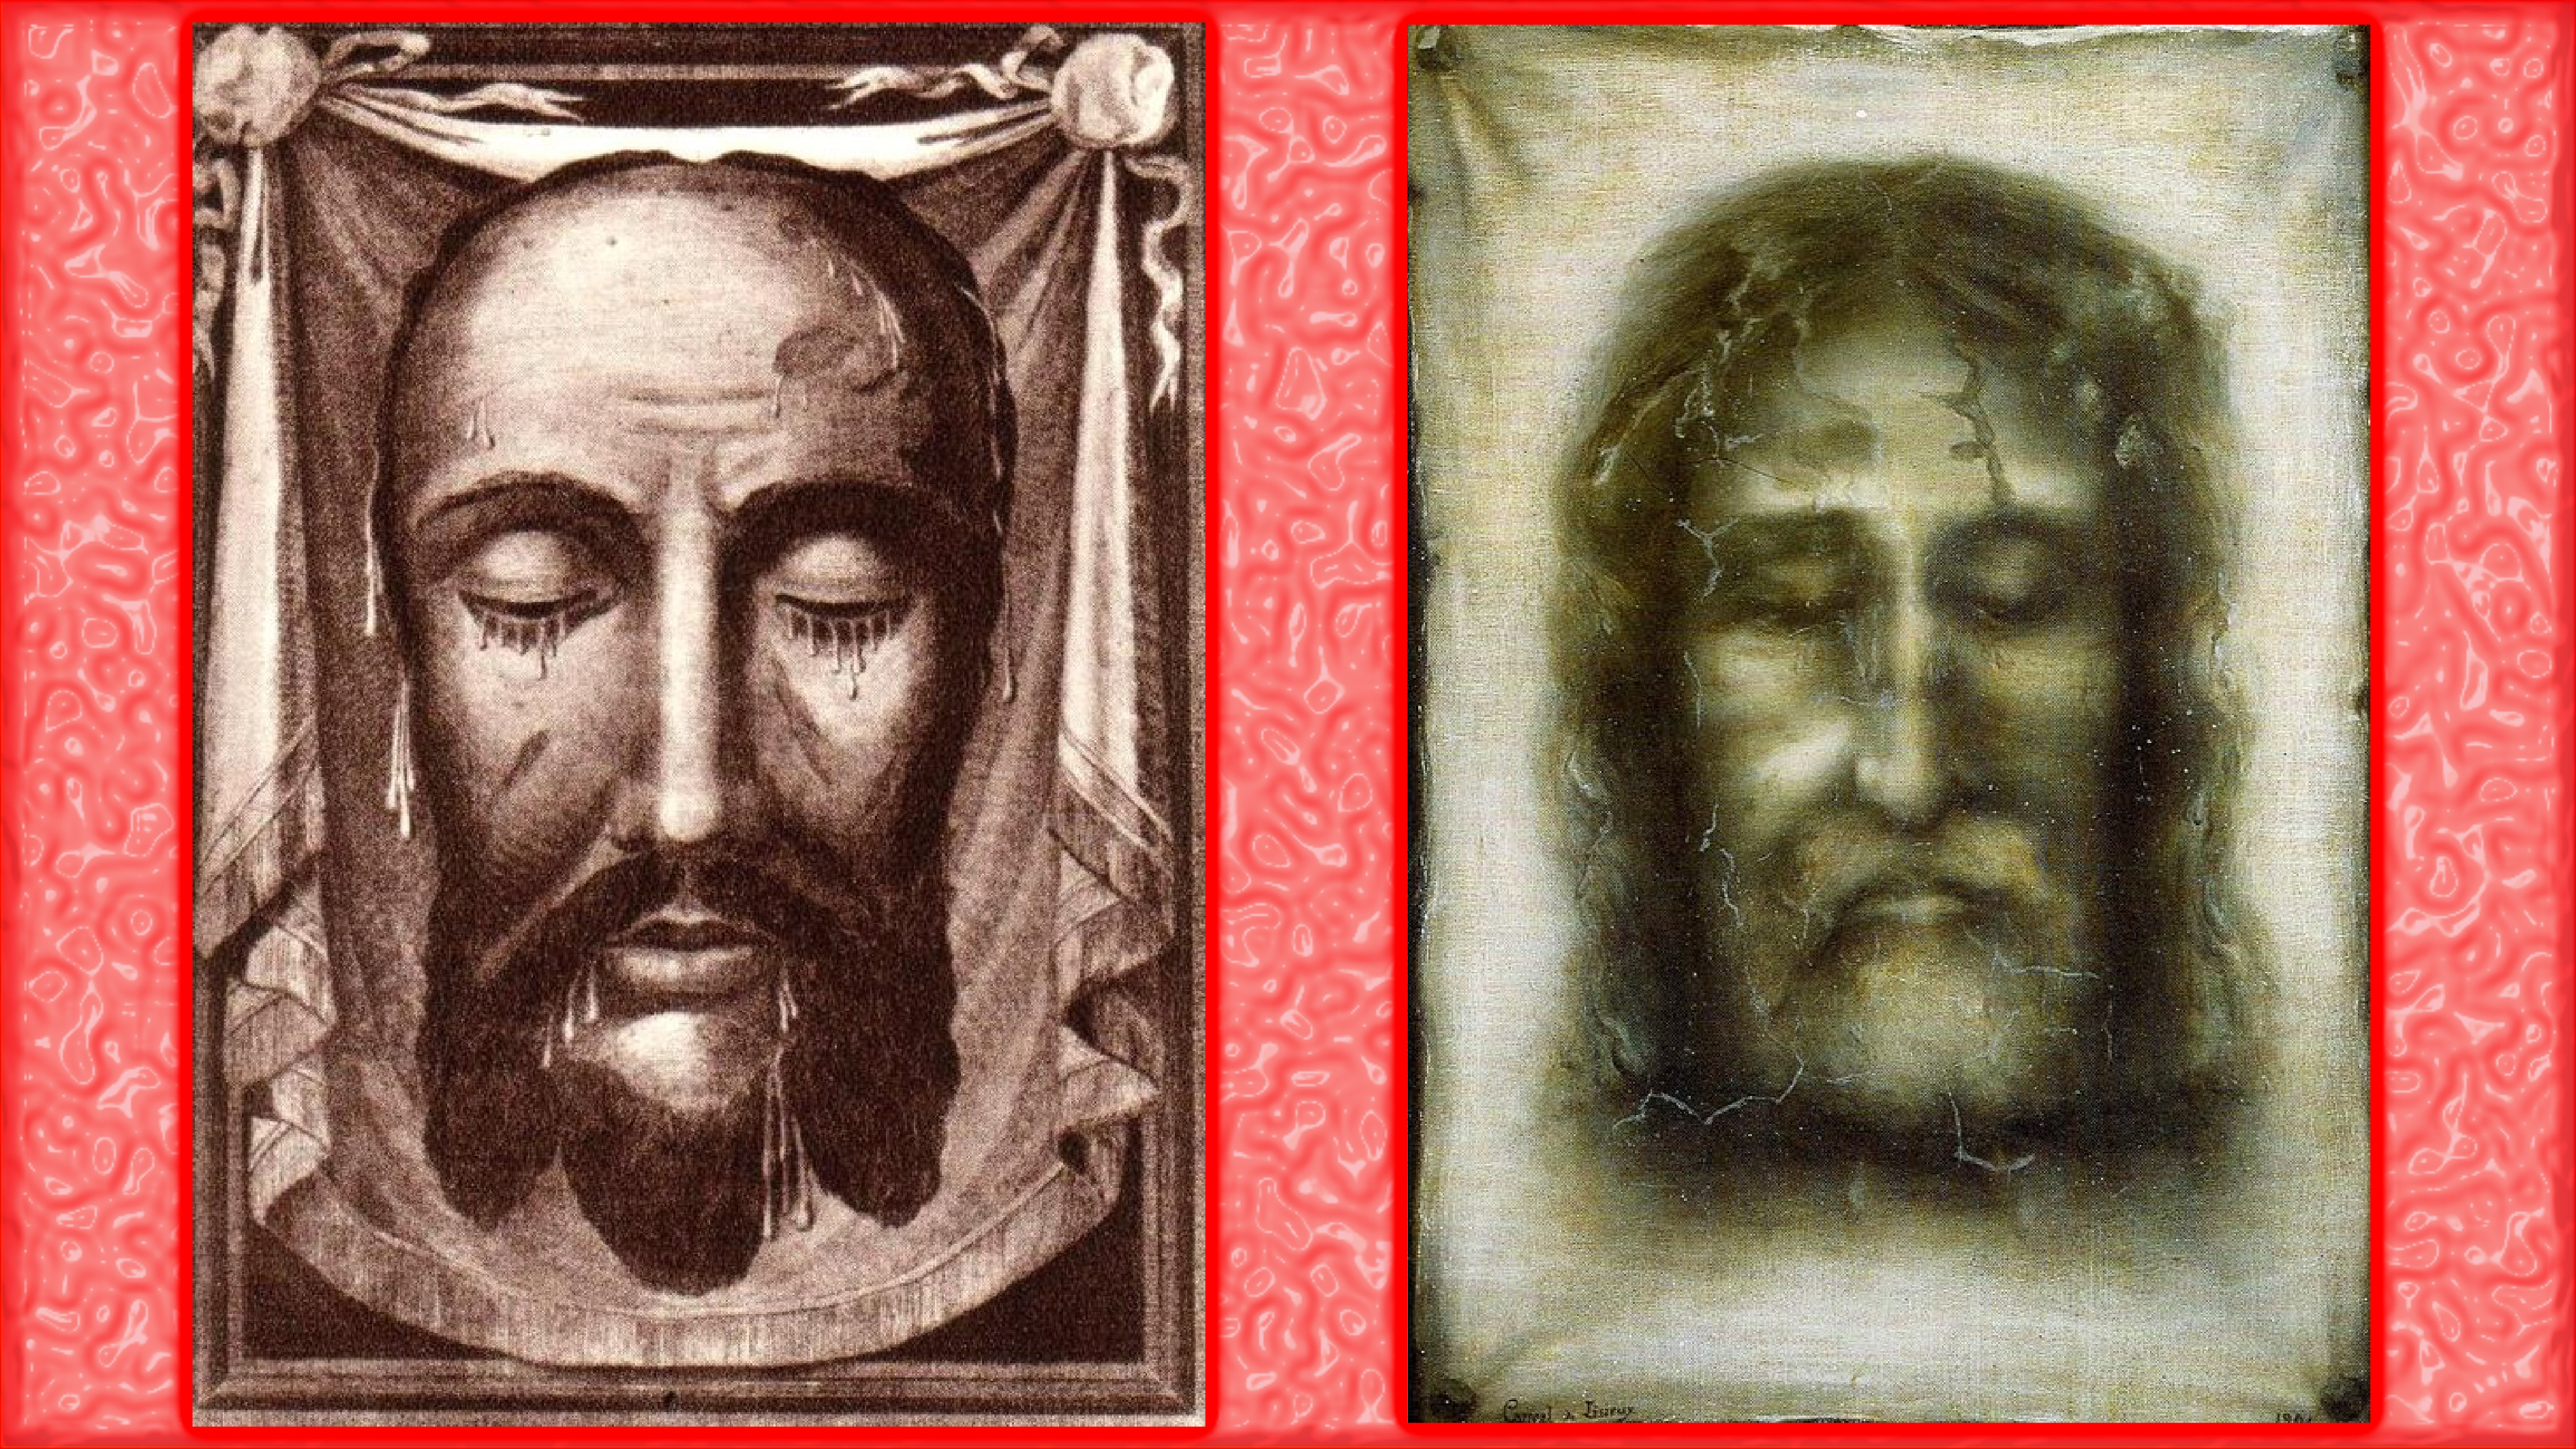 CALENDRIER CATHOLIQUE 2020 (Cantiques, Prières & Images) - Page 8 La-sainte-face-de...-suaire--5606fd9